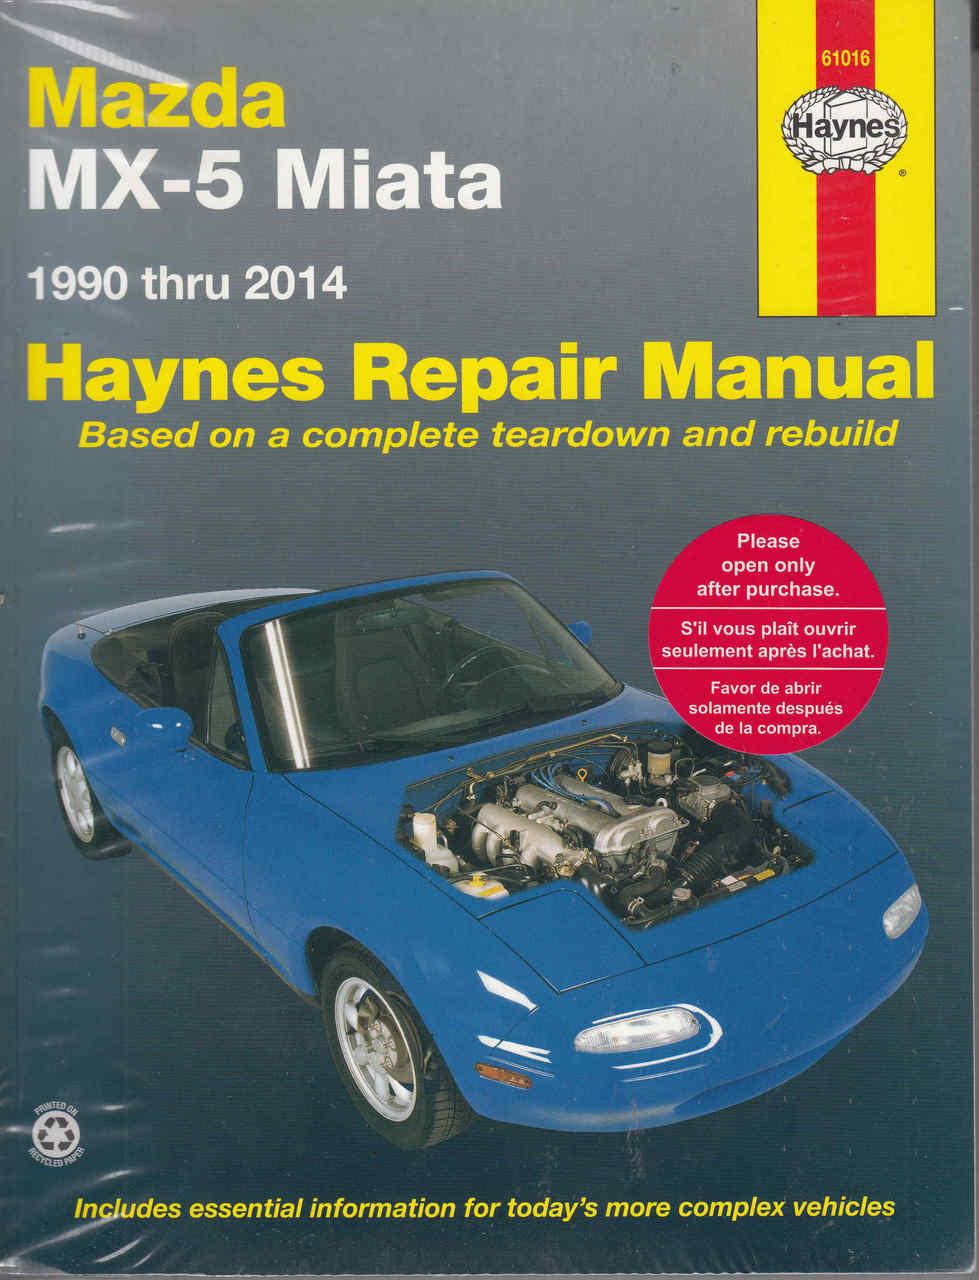 mazda mx 5 miata 1990 2014 workshop manual rh automotobookshop com au 1990 mazda miata workshop manual miata na workshop manual pdf